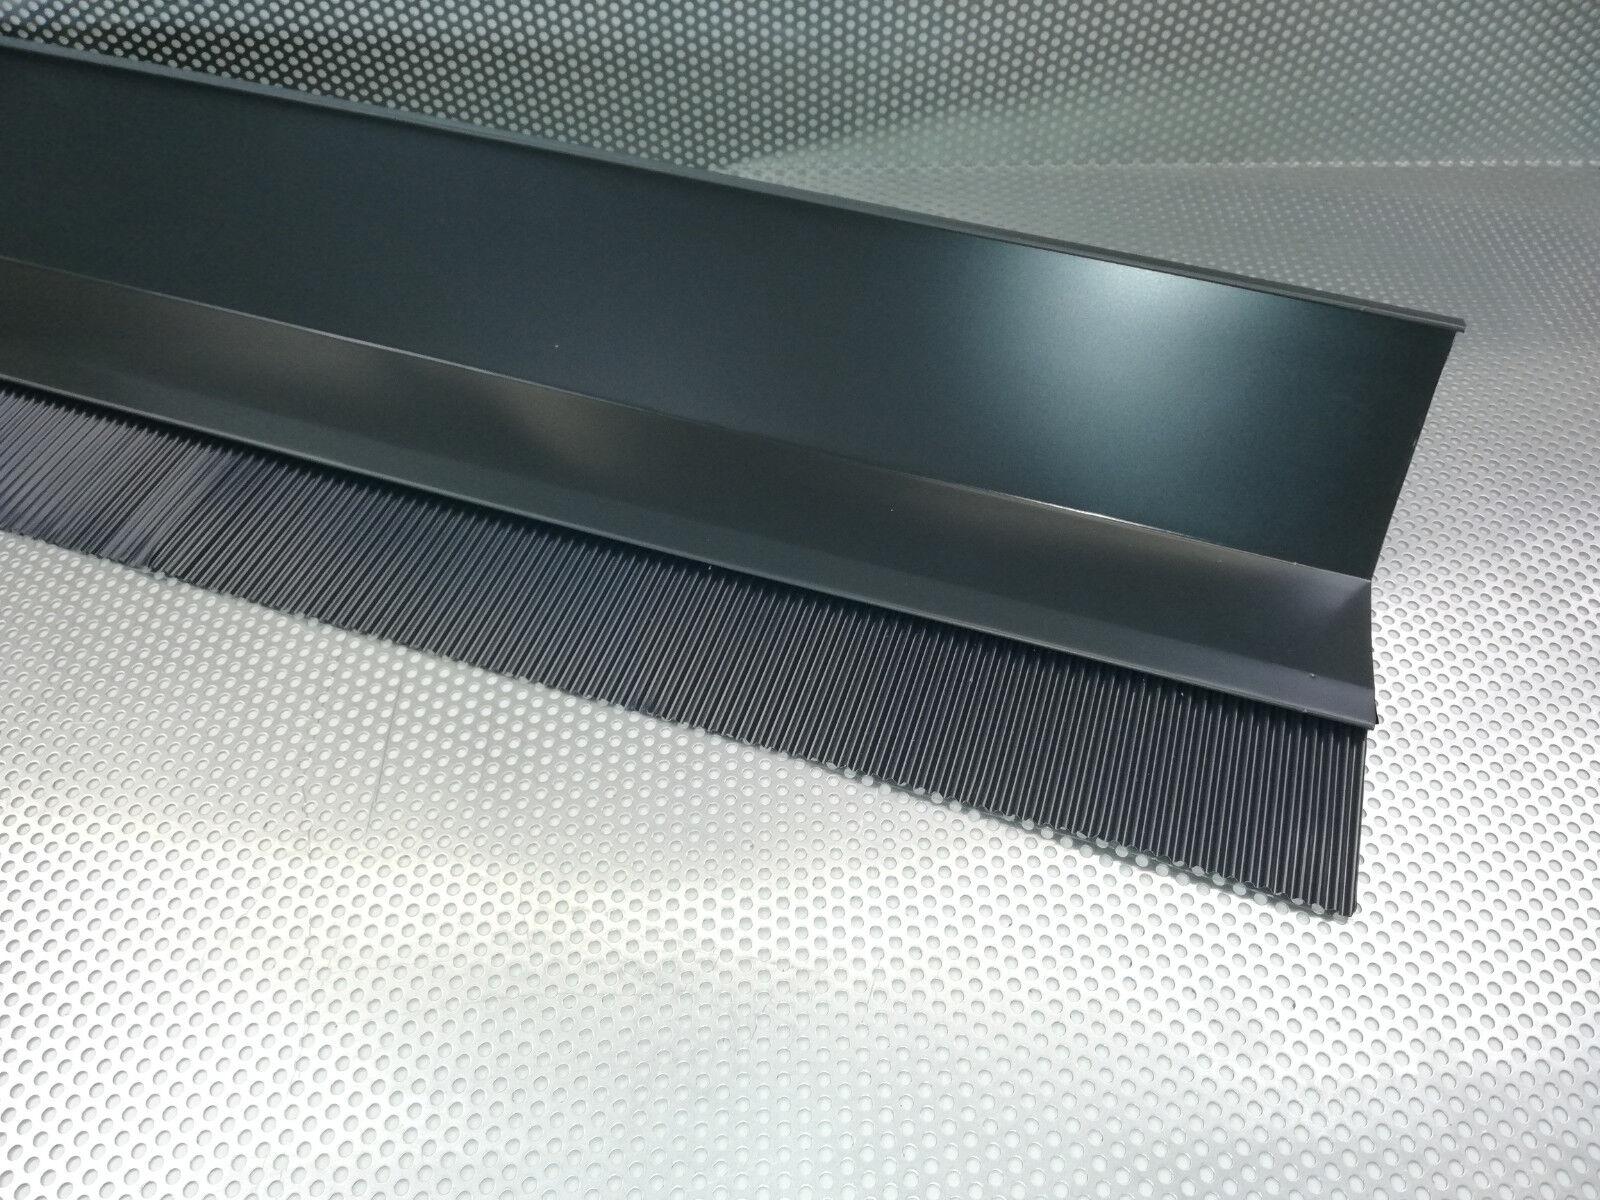 2,00 m Wandanschluss Brustblech aus. Aluminium, in Farbe Anthrazit